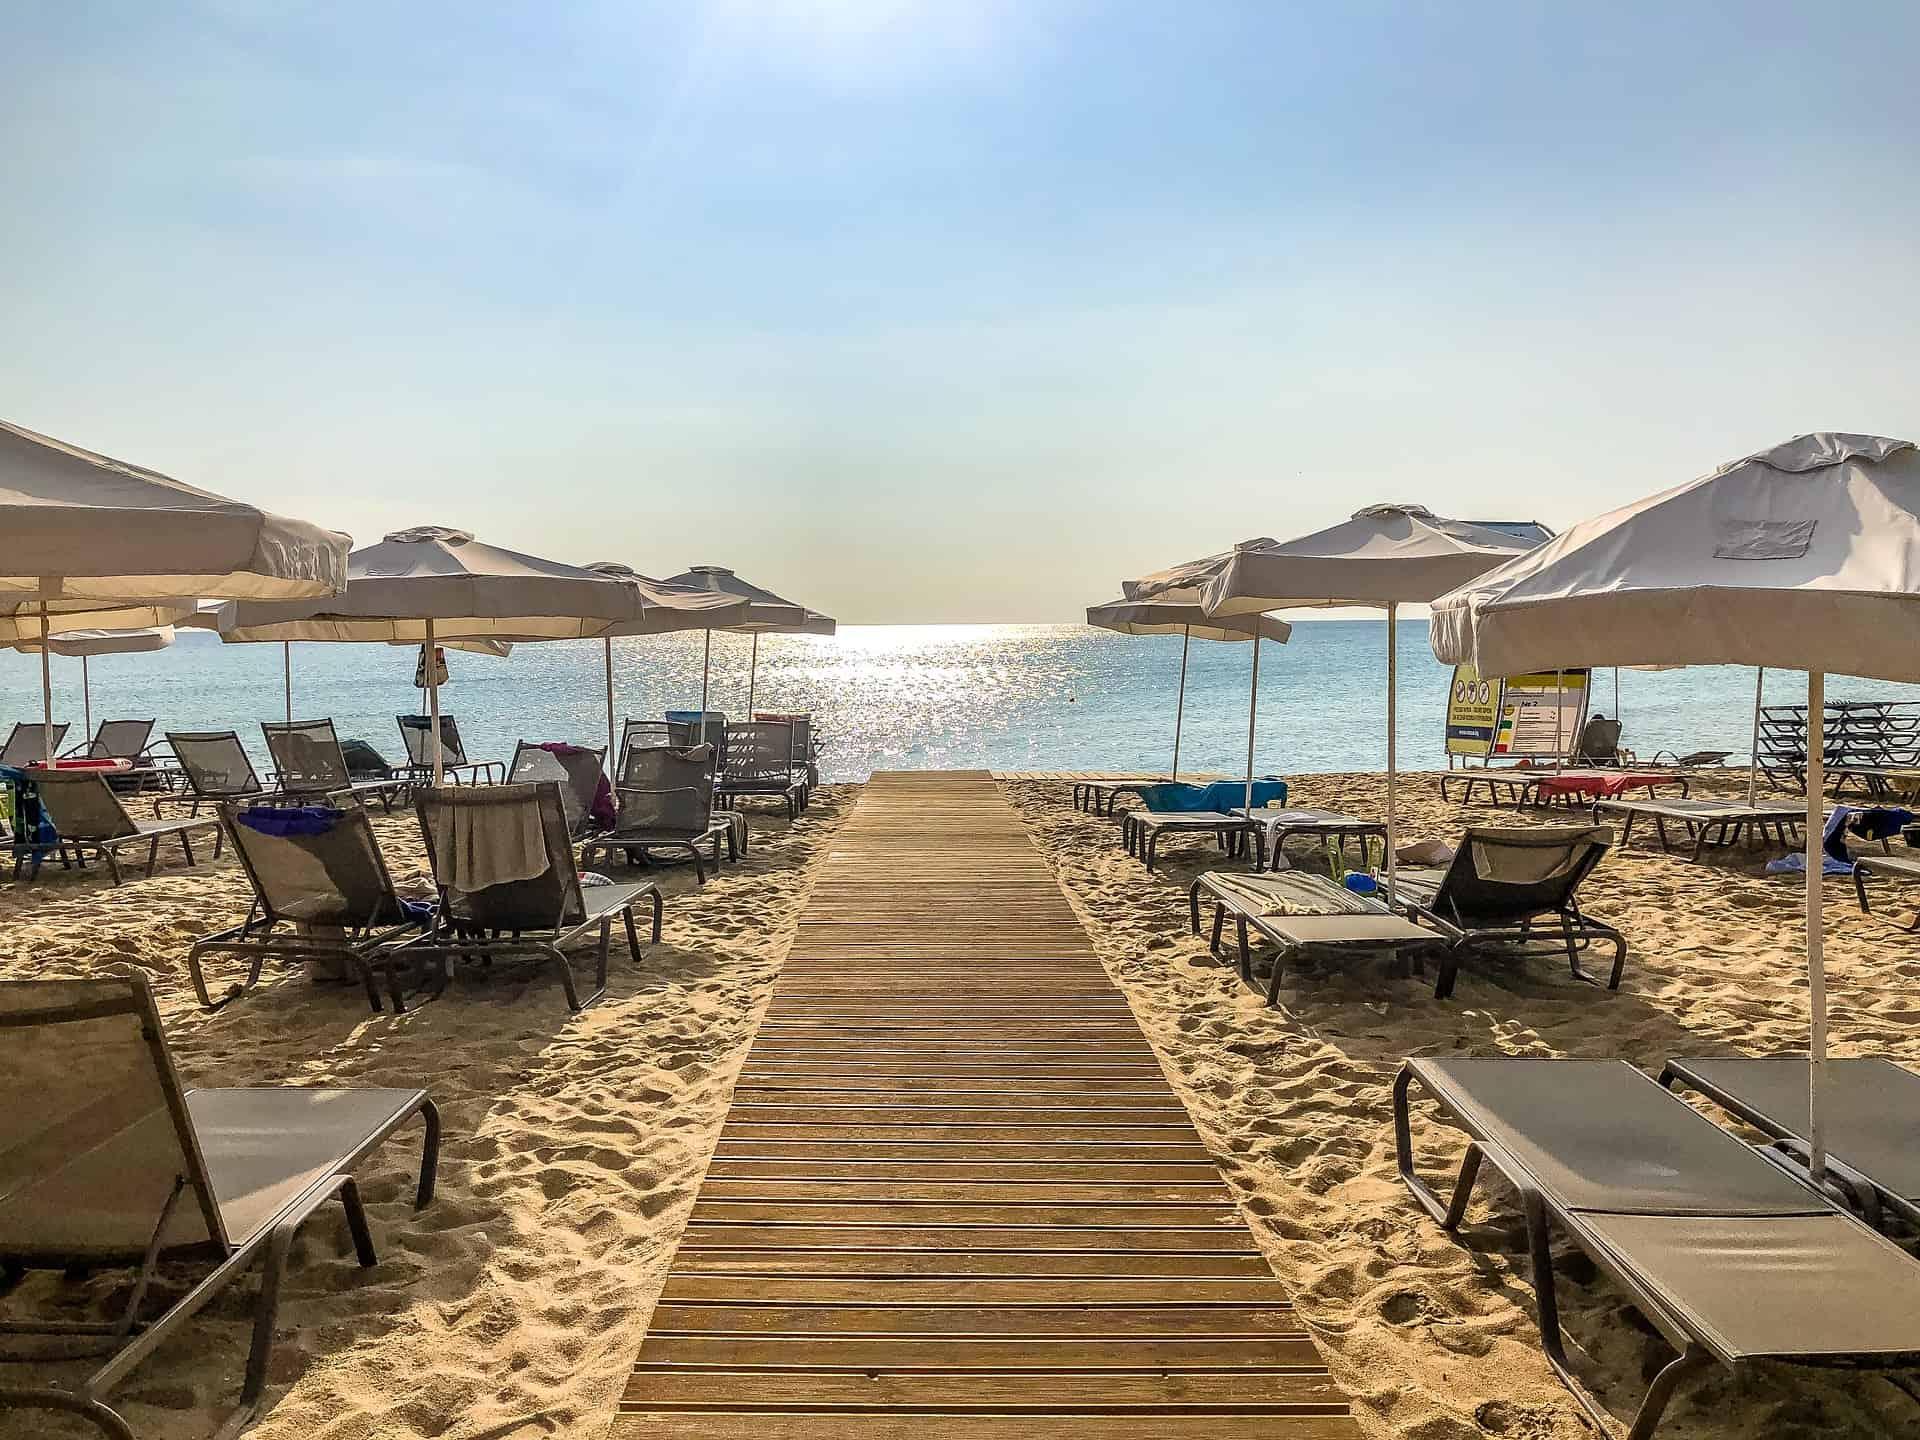 Ivana Palace 4 Sterne Hotel ab 7,50€ die Nacht | Sonnenstrand Bulgarien 2